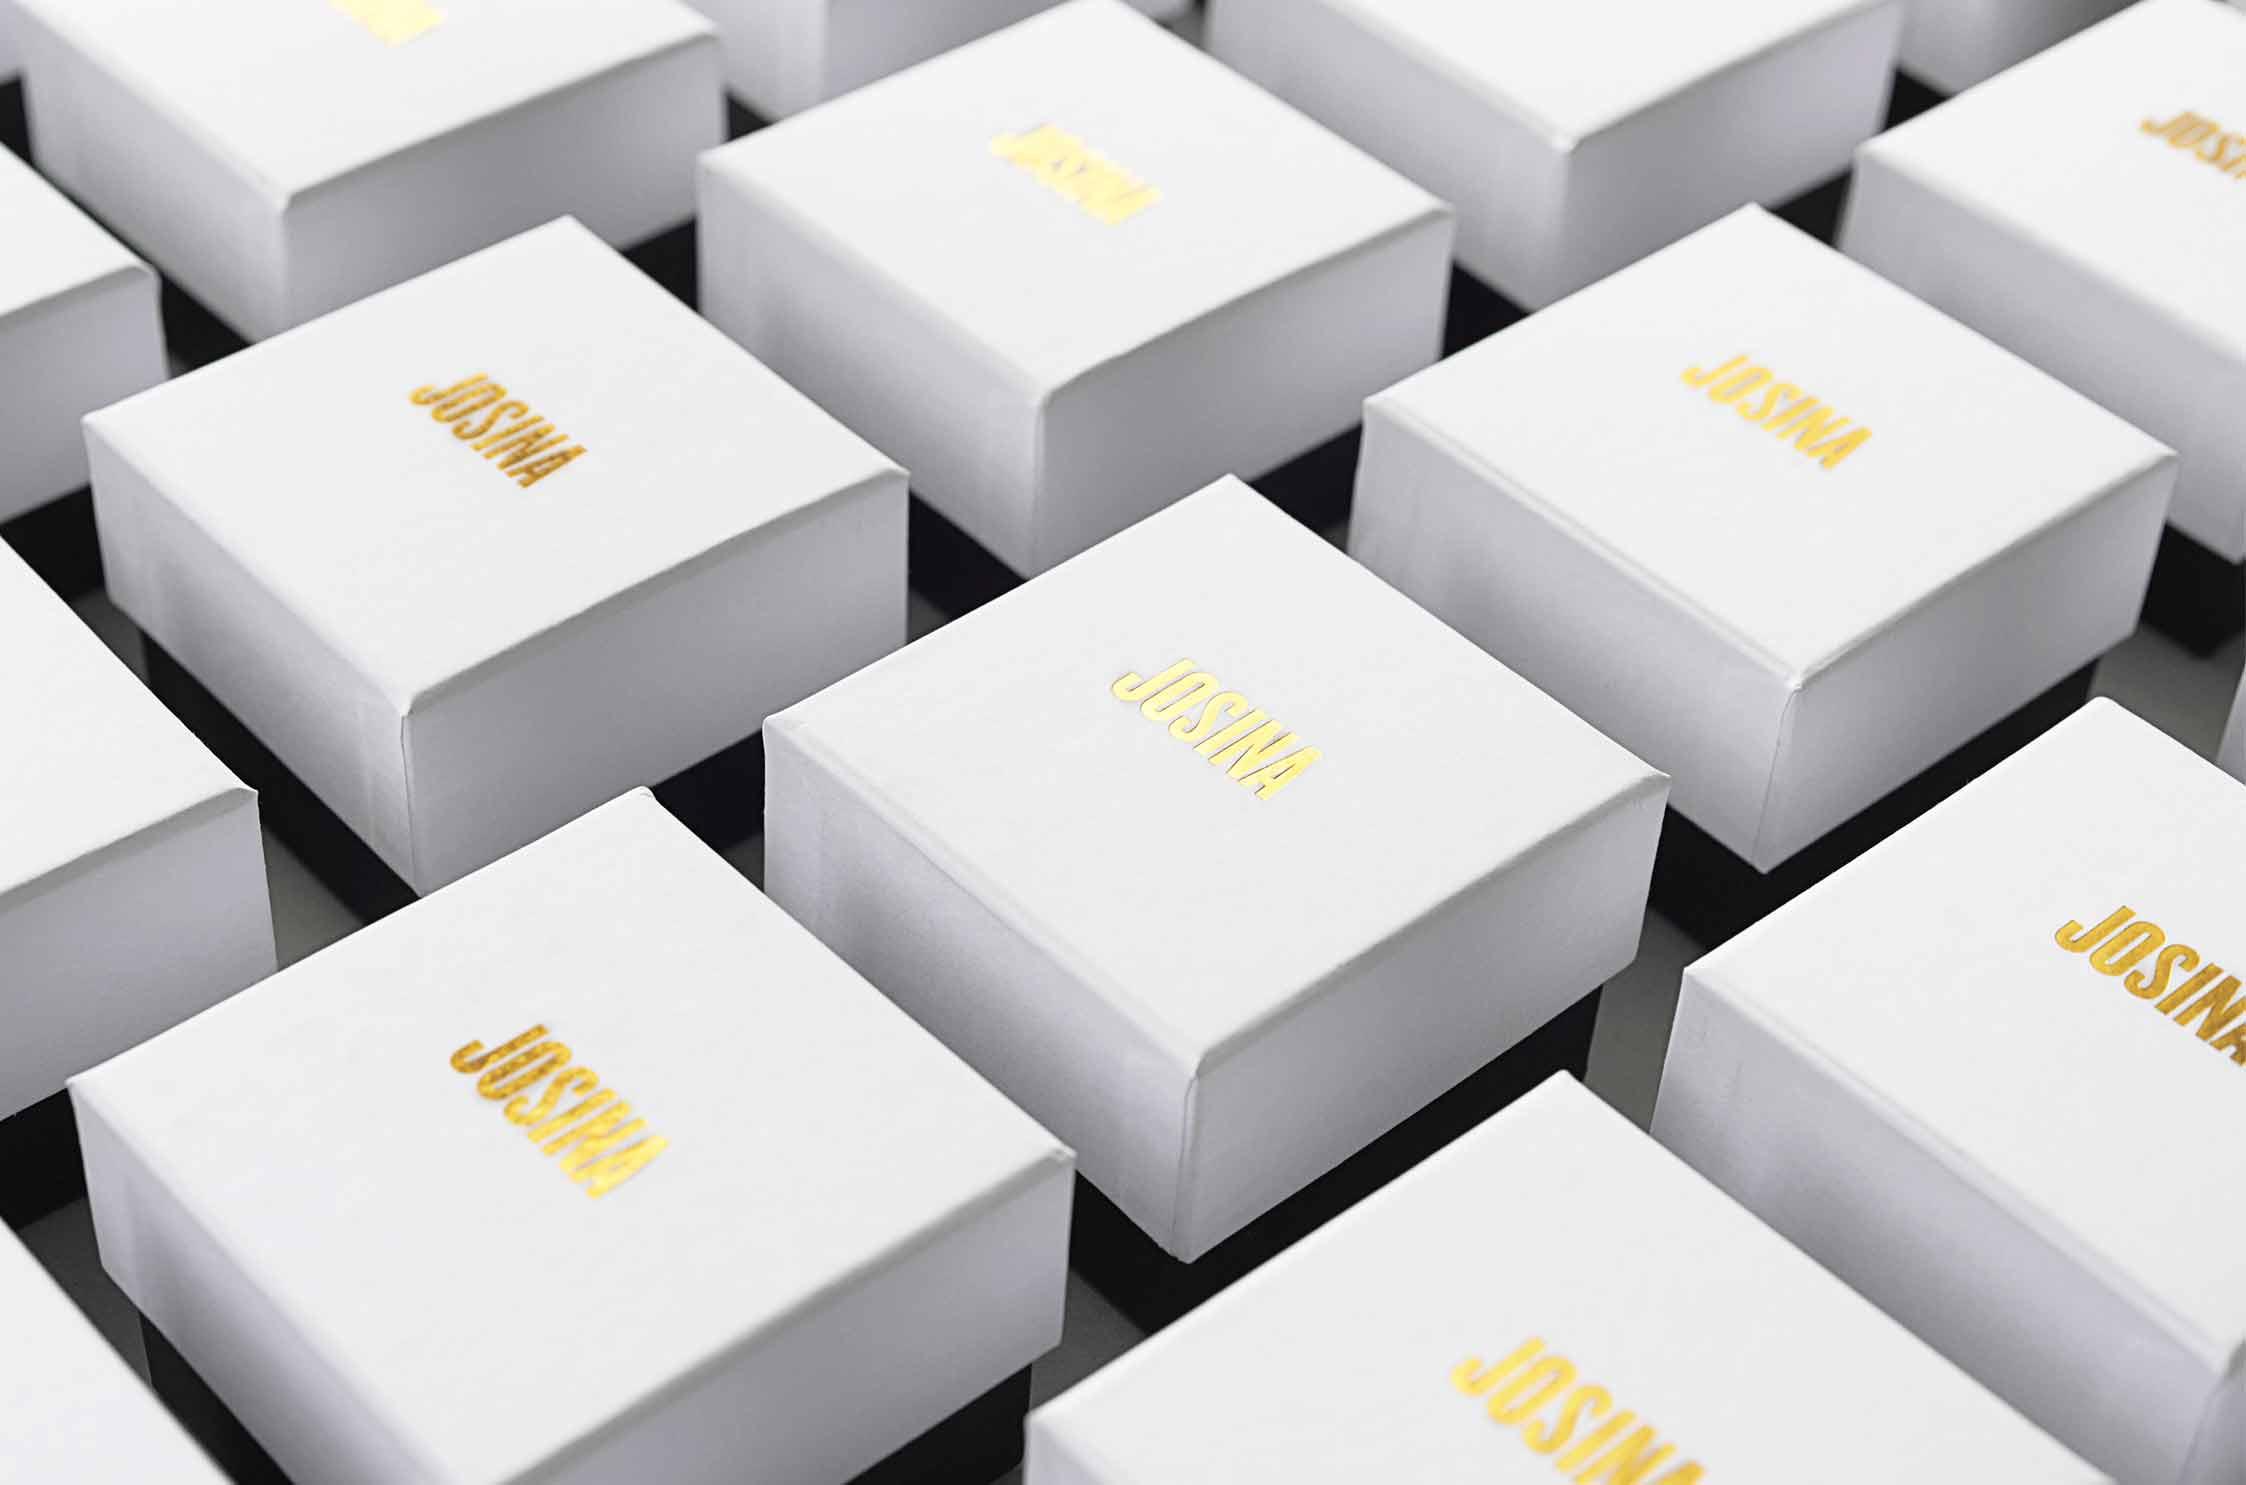 Mads_jakob_Poulsen_projects-Josina_jewelry-boxes